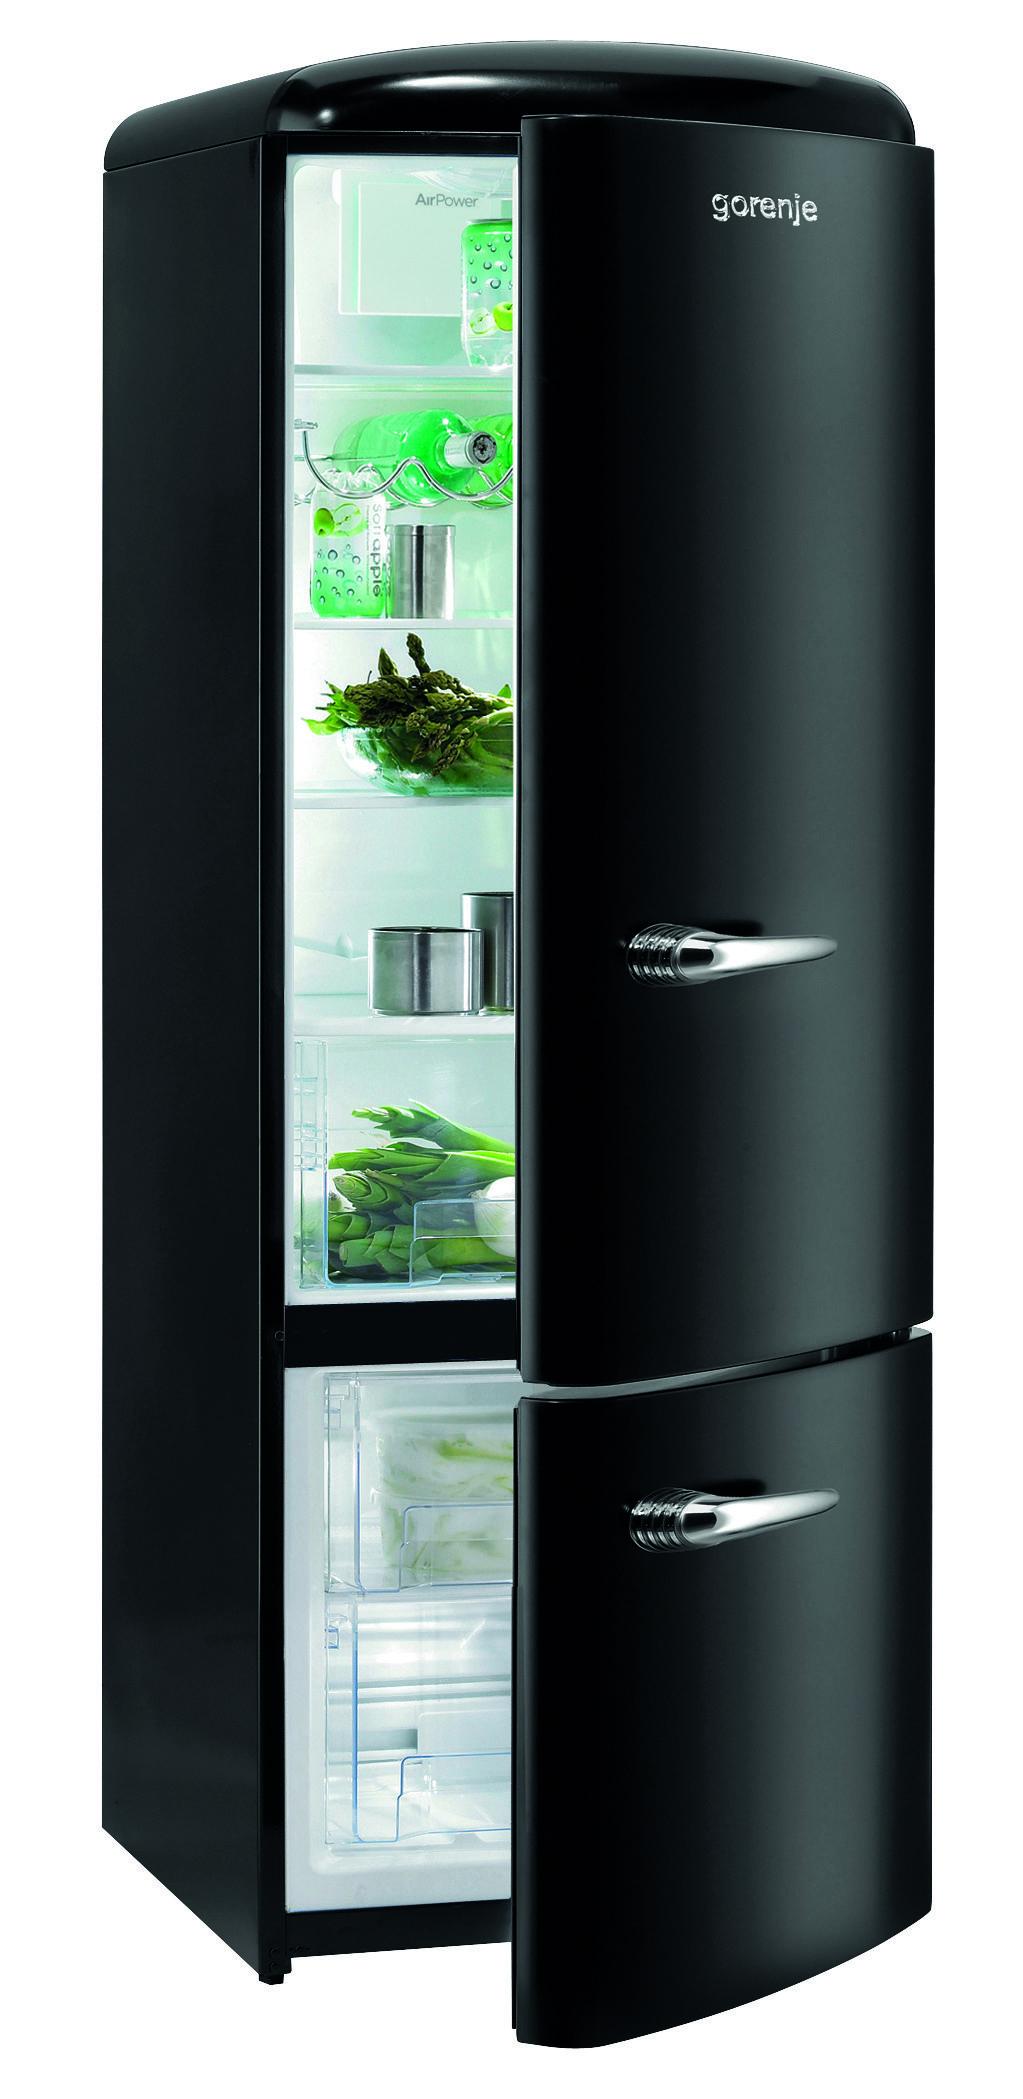 réfrigérateur congélateur gorenje rk60319obk - coloris noir - www